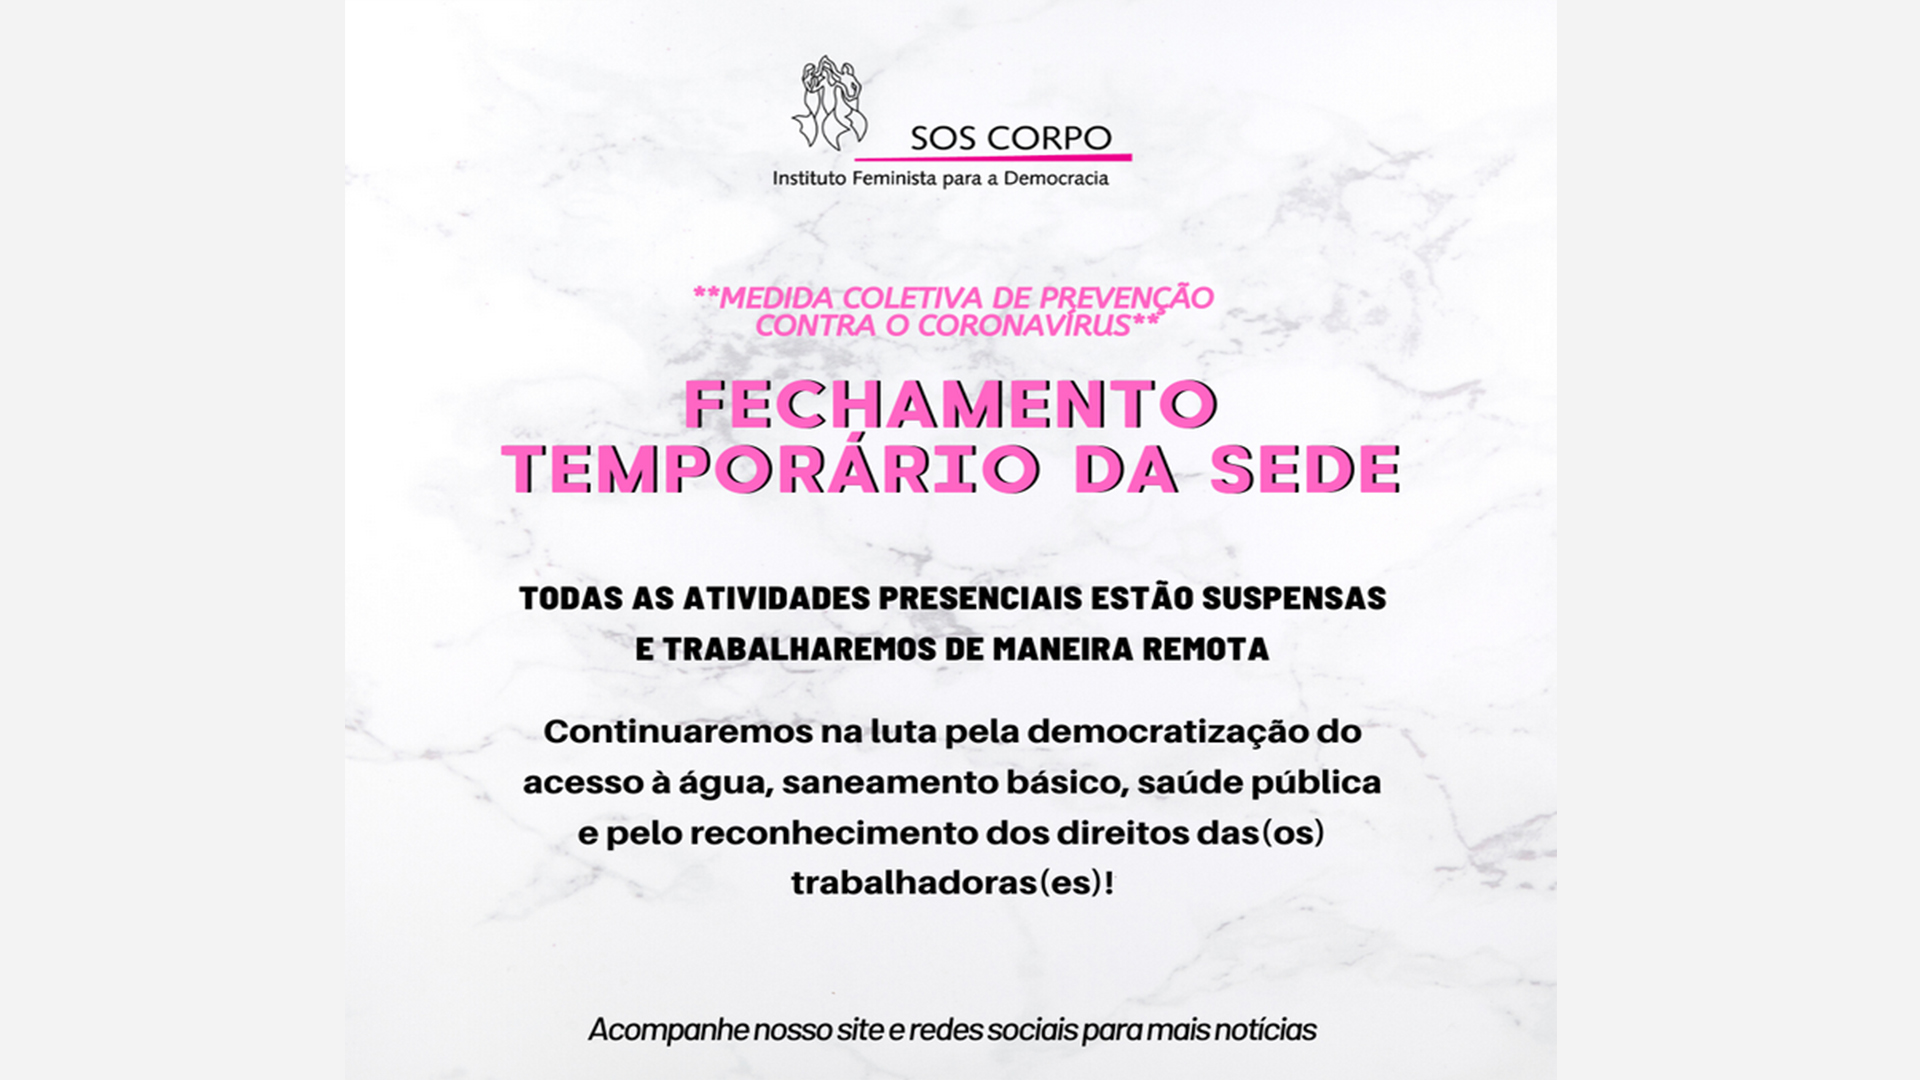 MEDIDA COLETIVA DE PREVENÇÃO AO COVID-19: FECHAMENTO TEMPORÁRIO DA SEDE